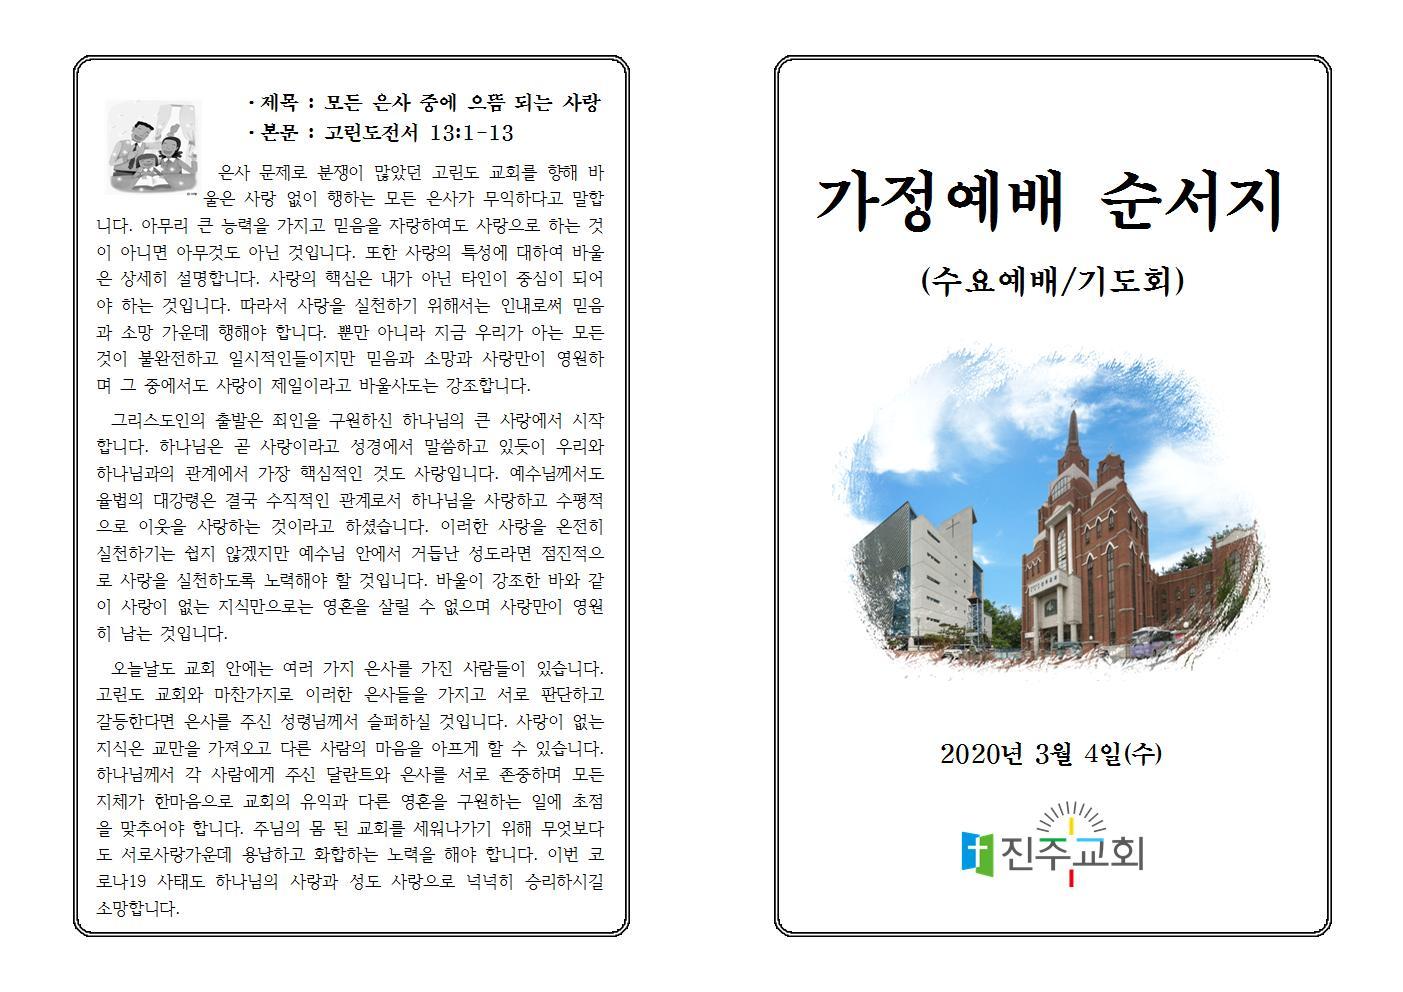 2020년 3월 4일(수요일) 진주교회 가정예배 순서지002.jpg